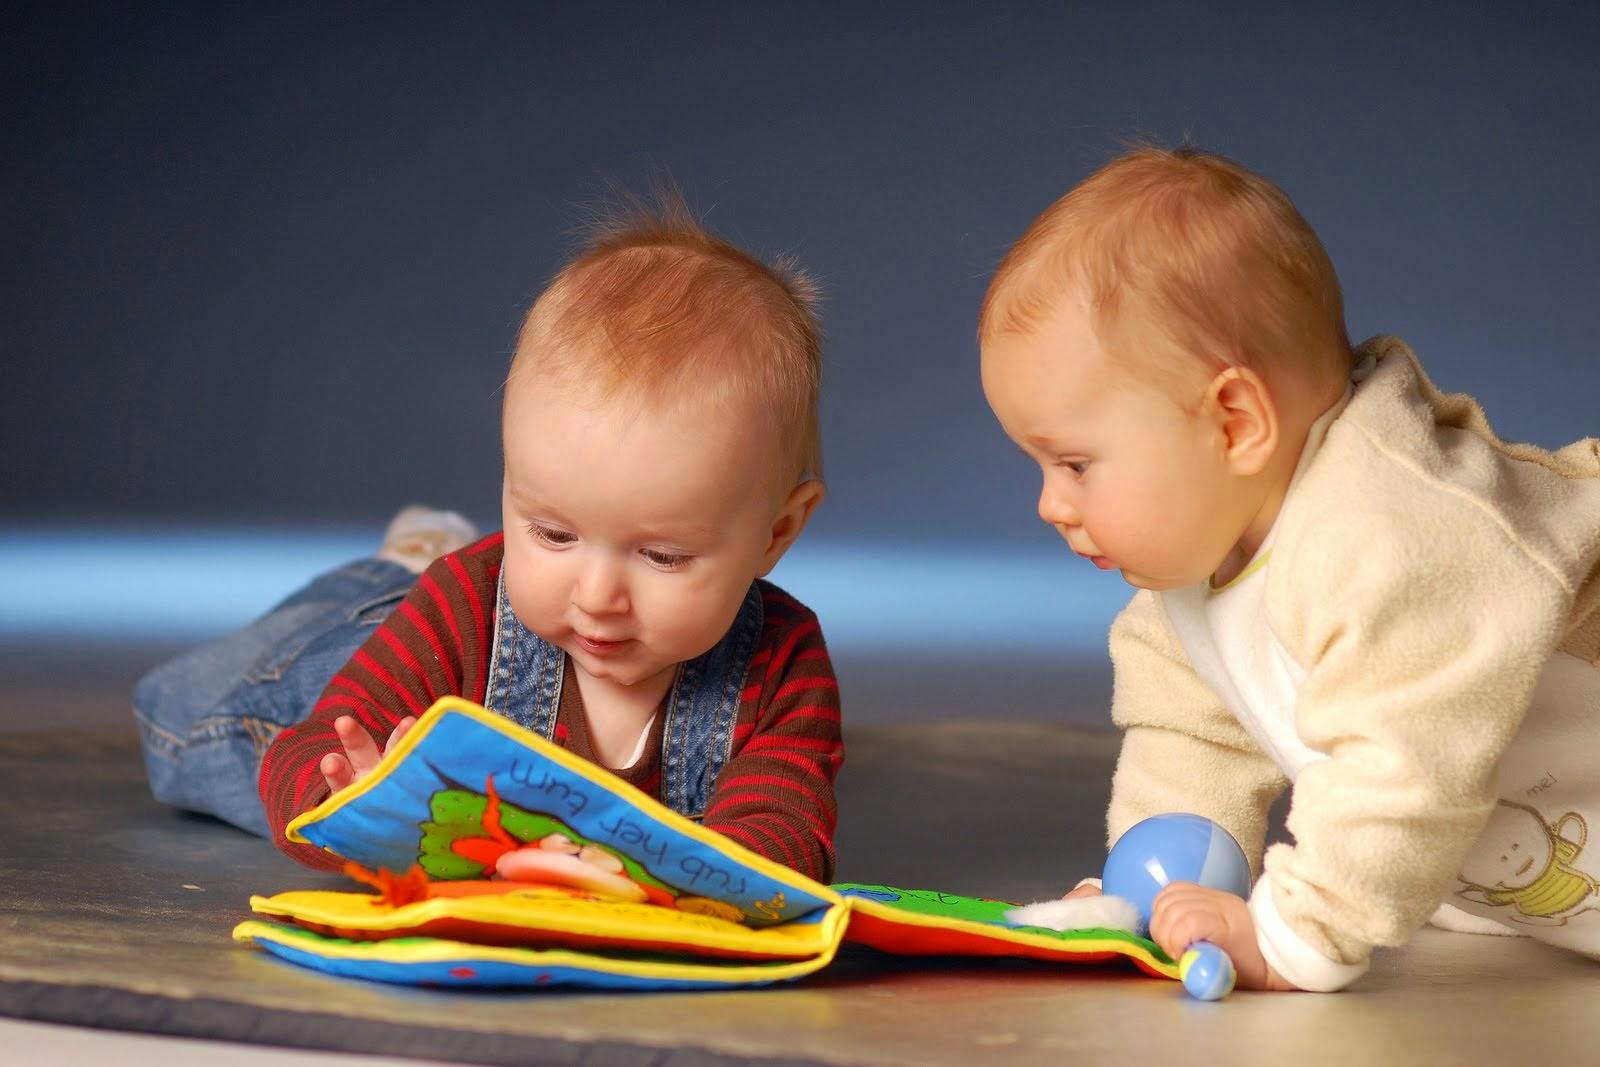 bebês brincando